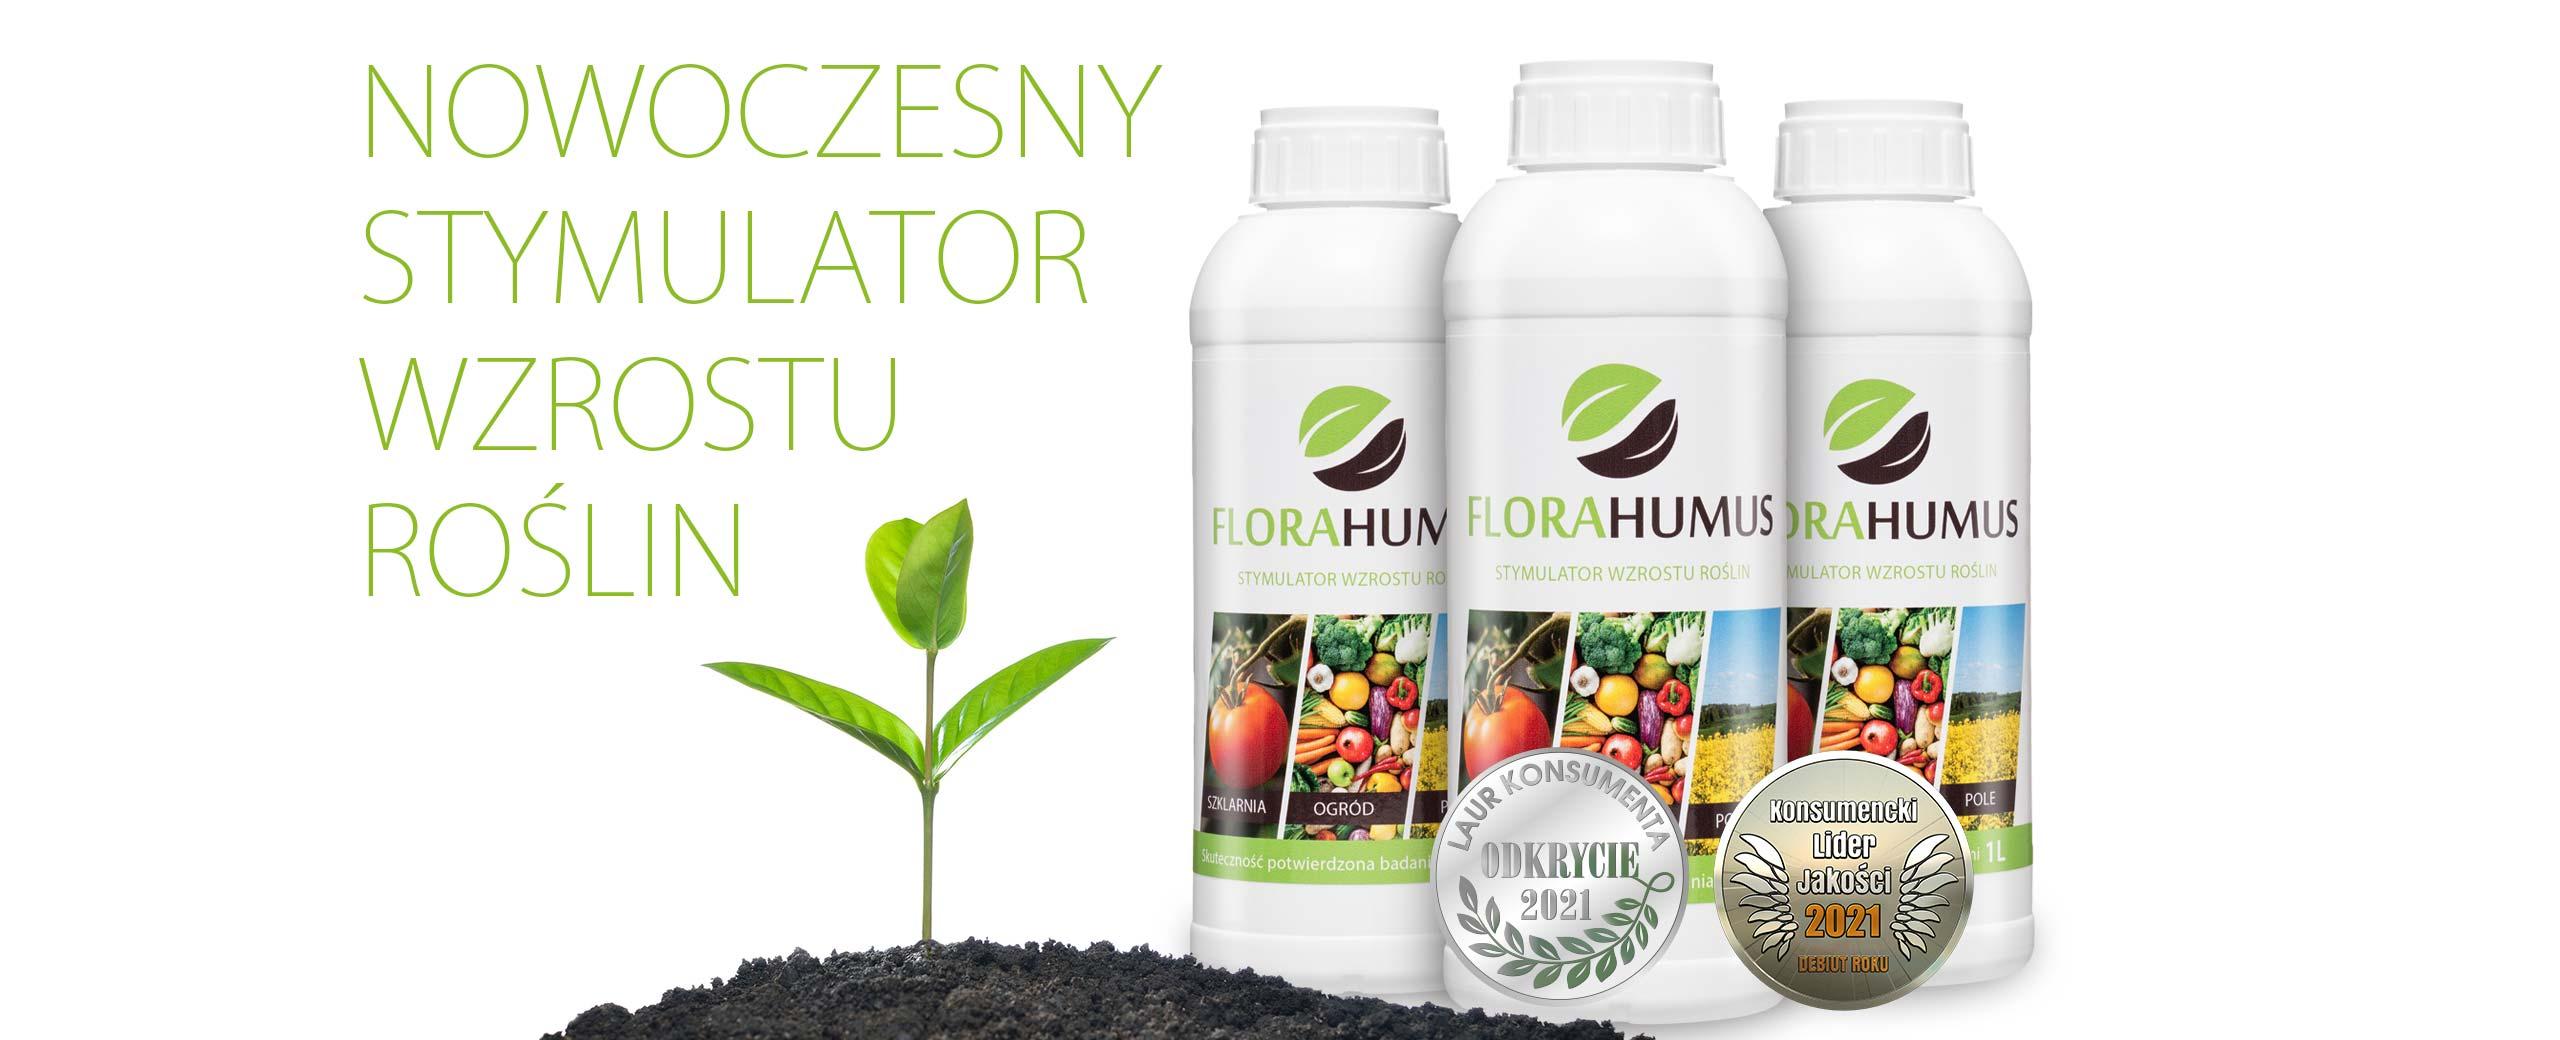 FLORAHUMUS skuteczne kwasy humusowe stymulujące wzrost roślin